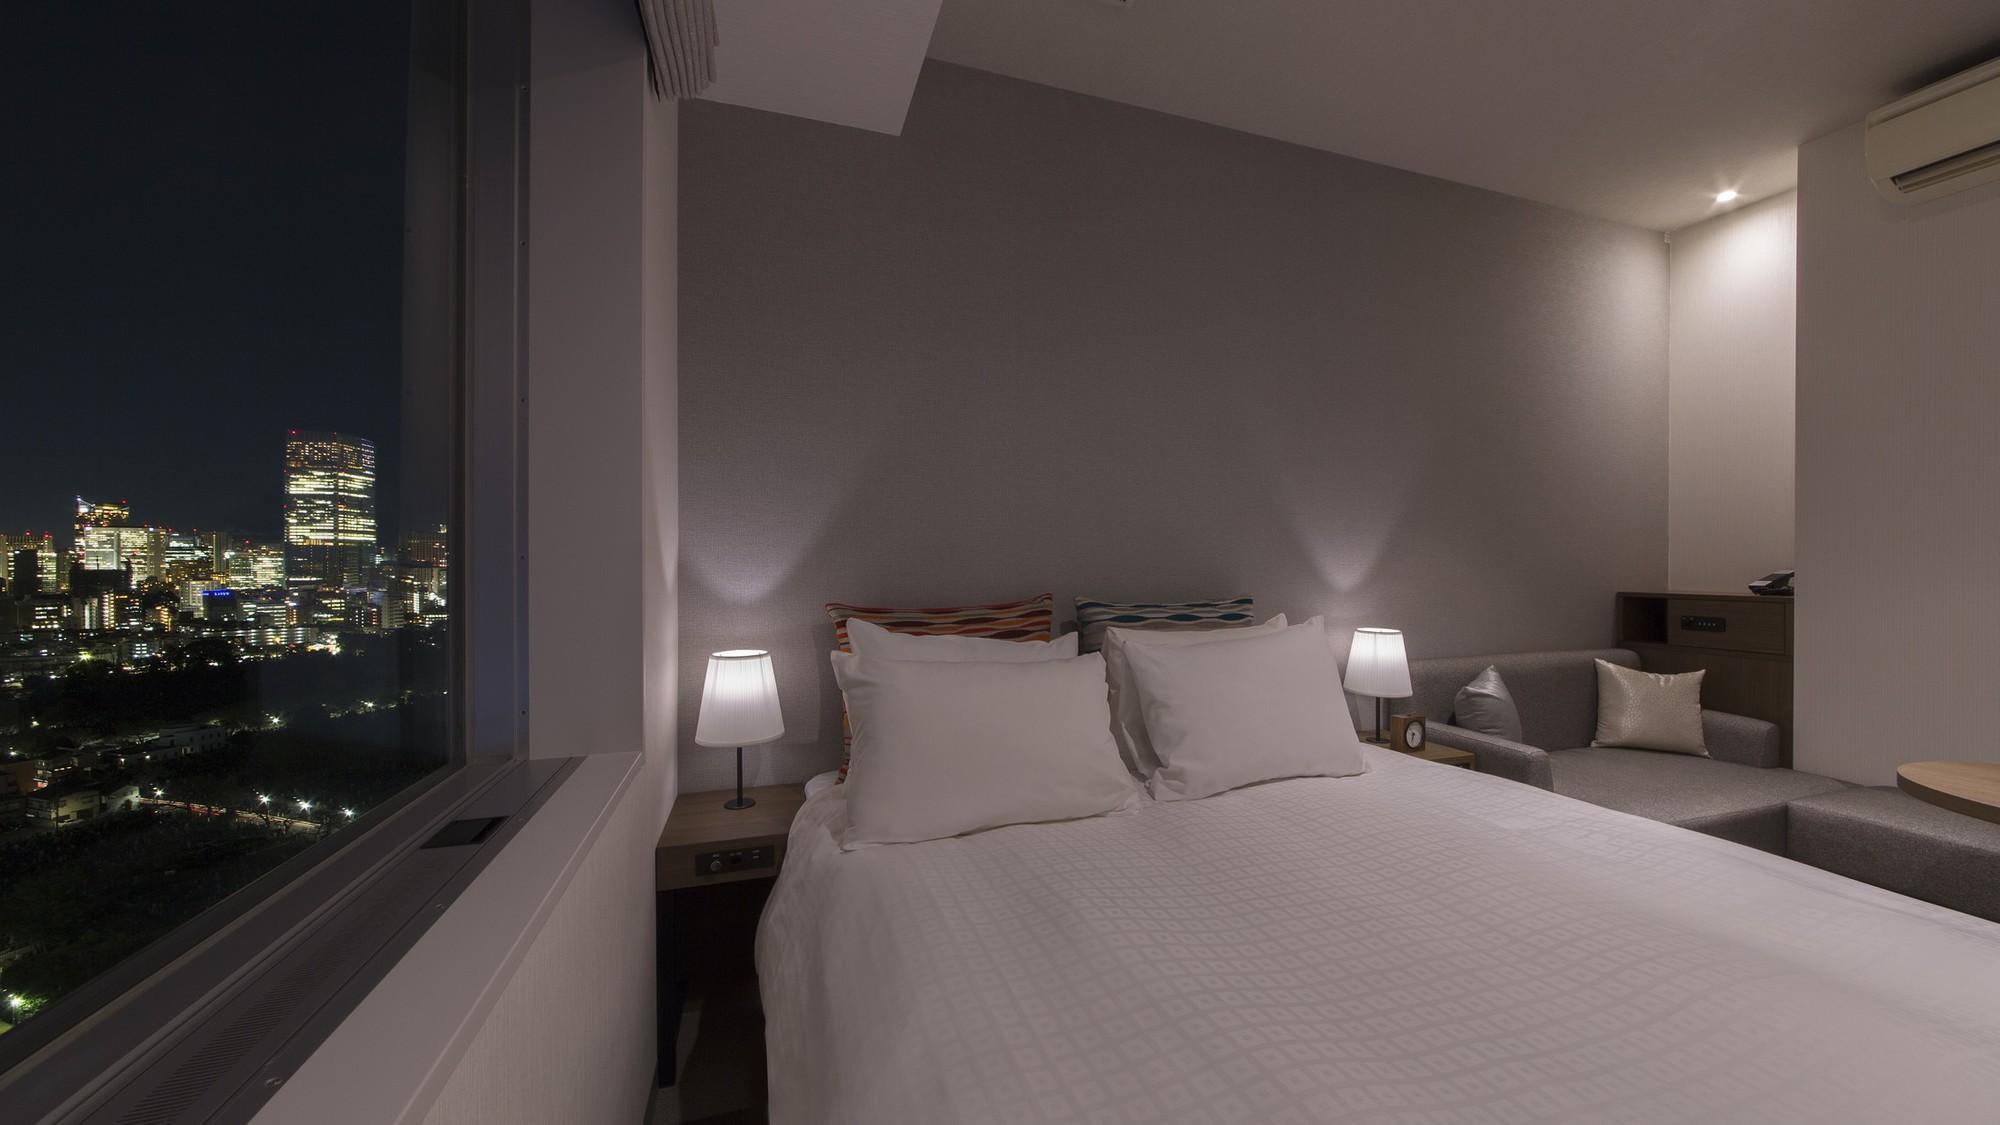 【プレミアダブル】全客室が14階から25階の高層階プレミアホテル。東京の眺望をお楽しみいただけます!